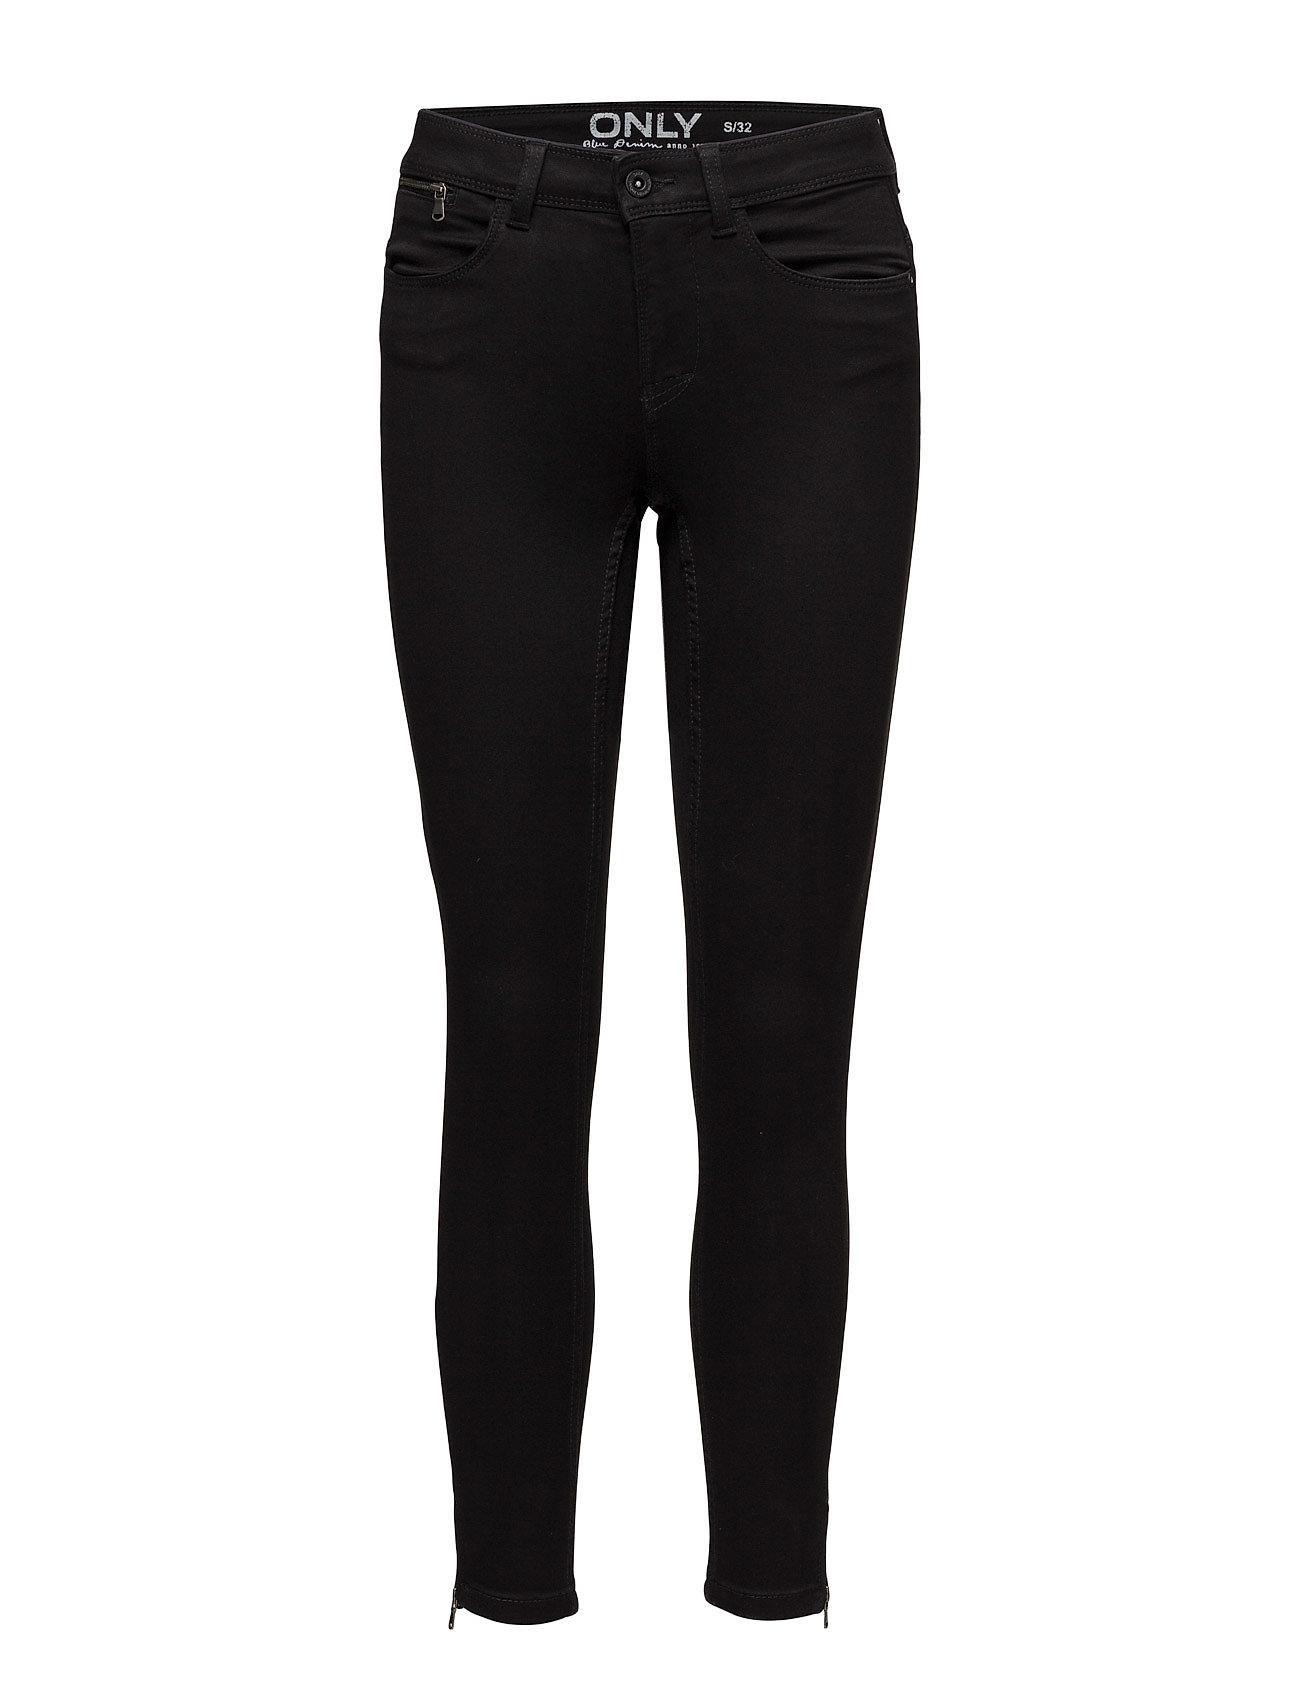 Onlultimate Rg Sk Zip Soft Black A Jeans ONLY Skinny til Damer i Sort